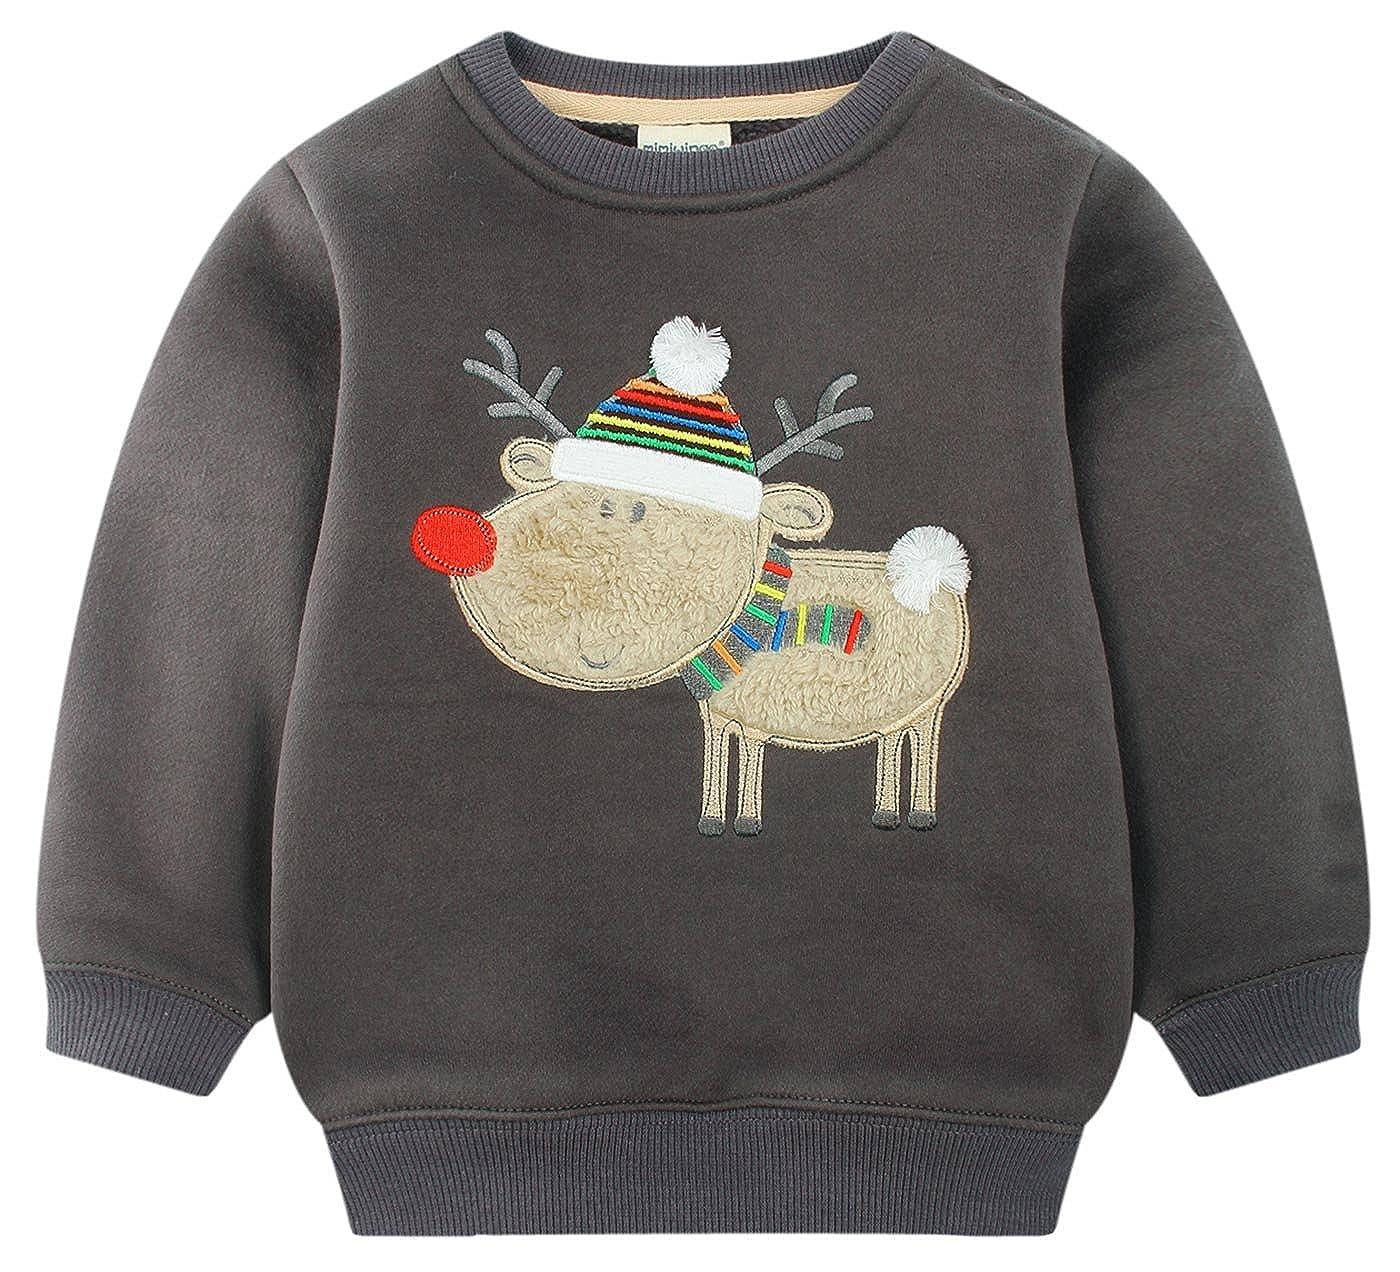 mimiwinga - Sweat-Shirt Polaire en Coton pour Bébé Garçon Sweater Manche Longue d'enfant pour Automne Hiver Bordé de Dessin de Renne Gris 1-5 Ans JWFS0532